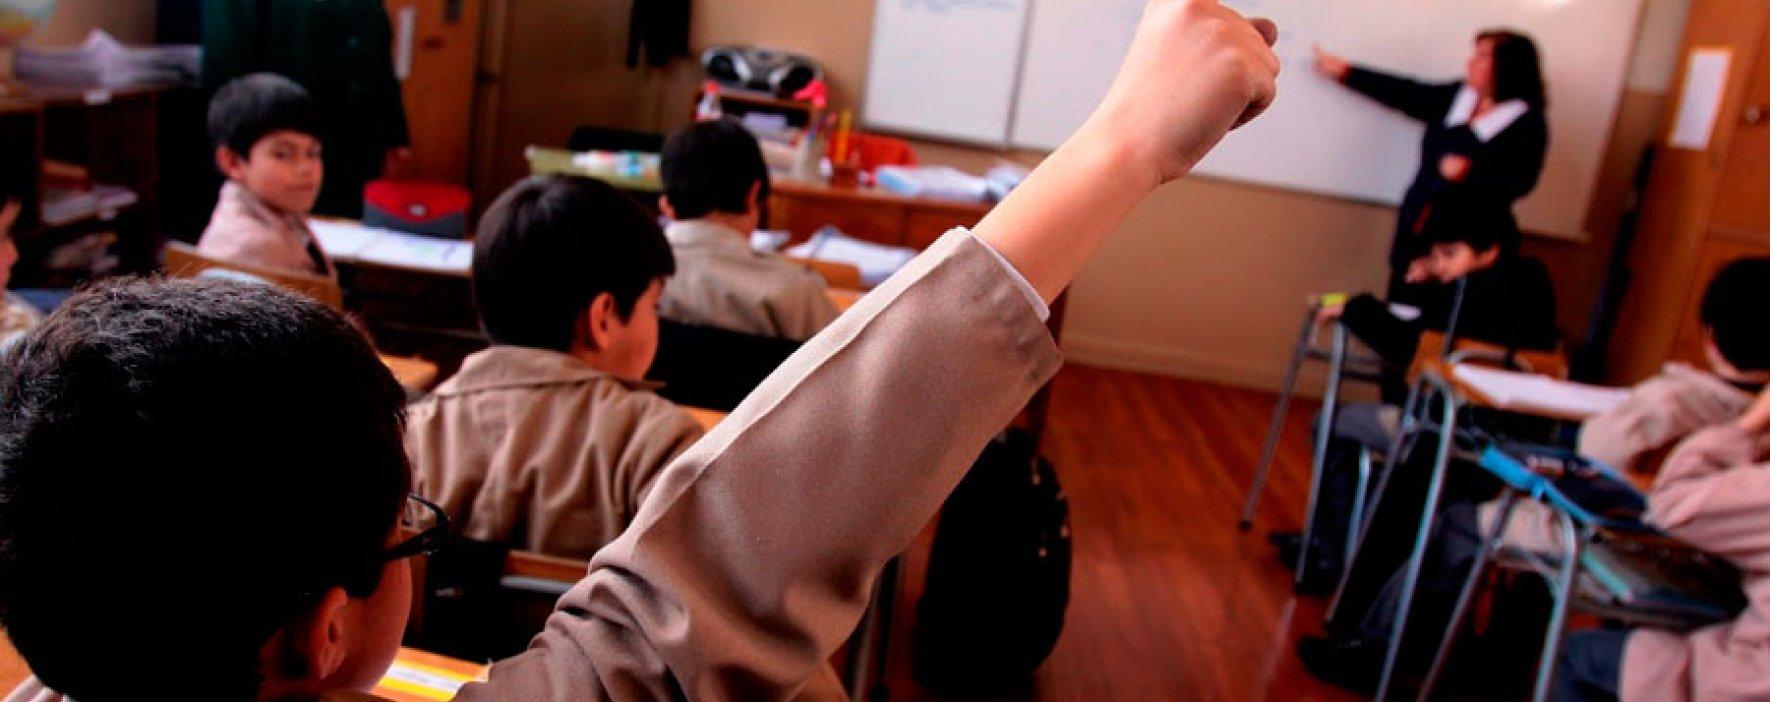 El rezago de Latinoamérica en la educación